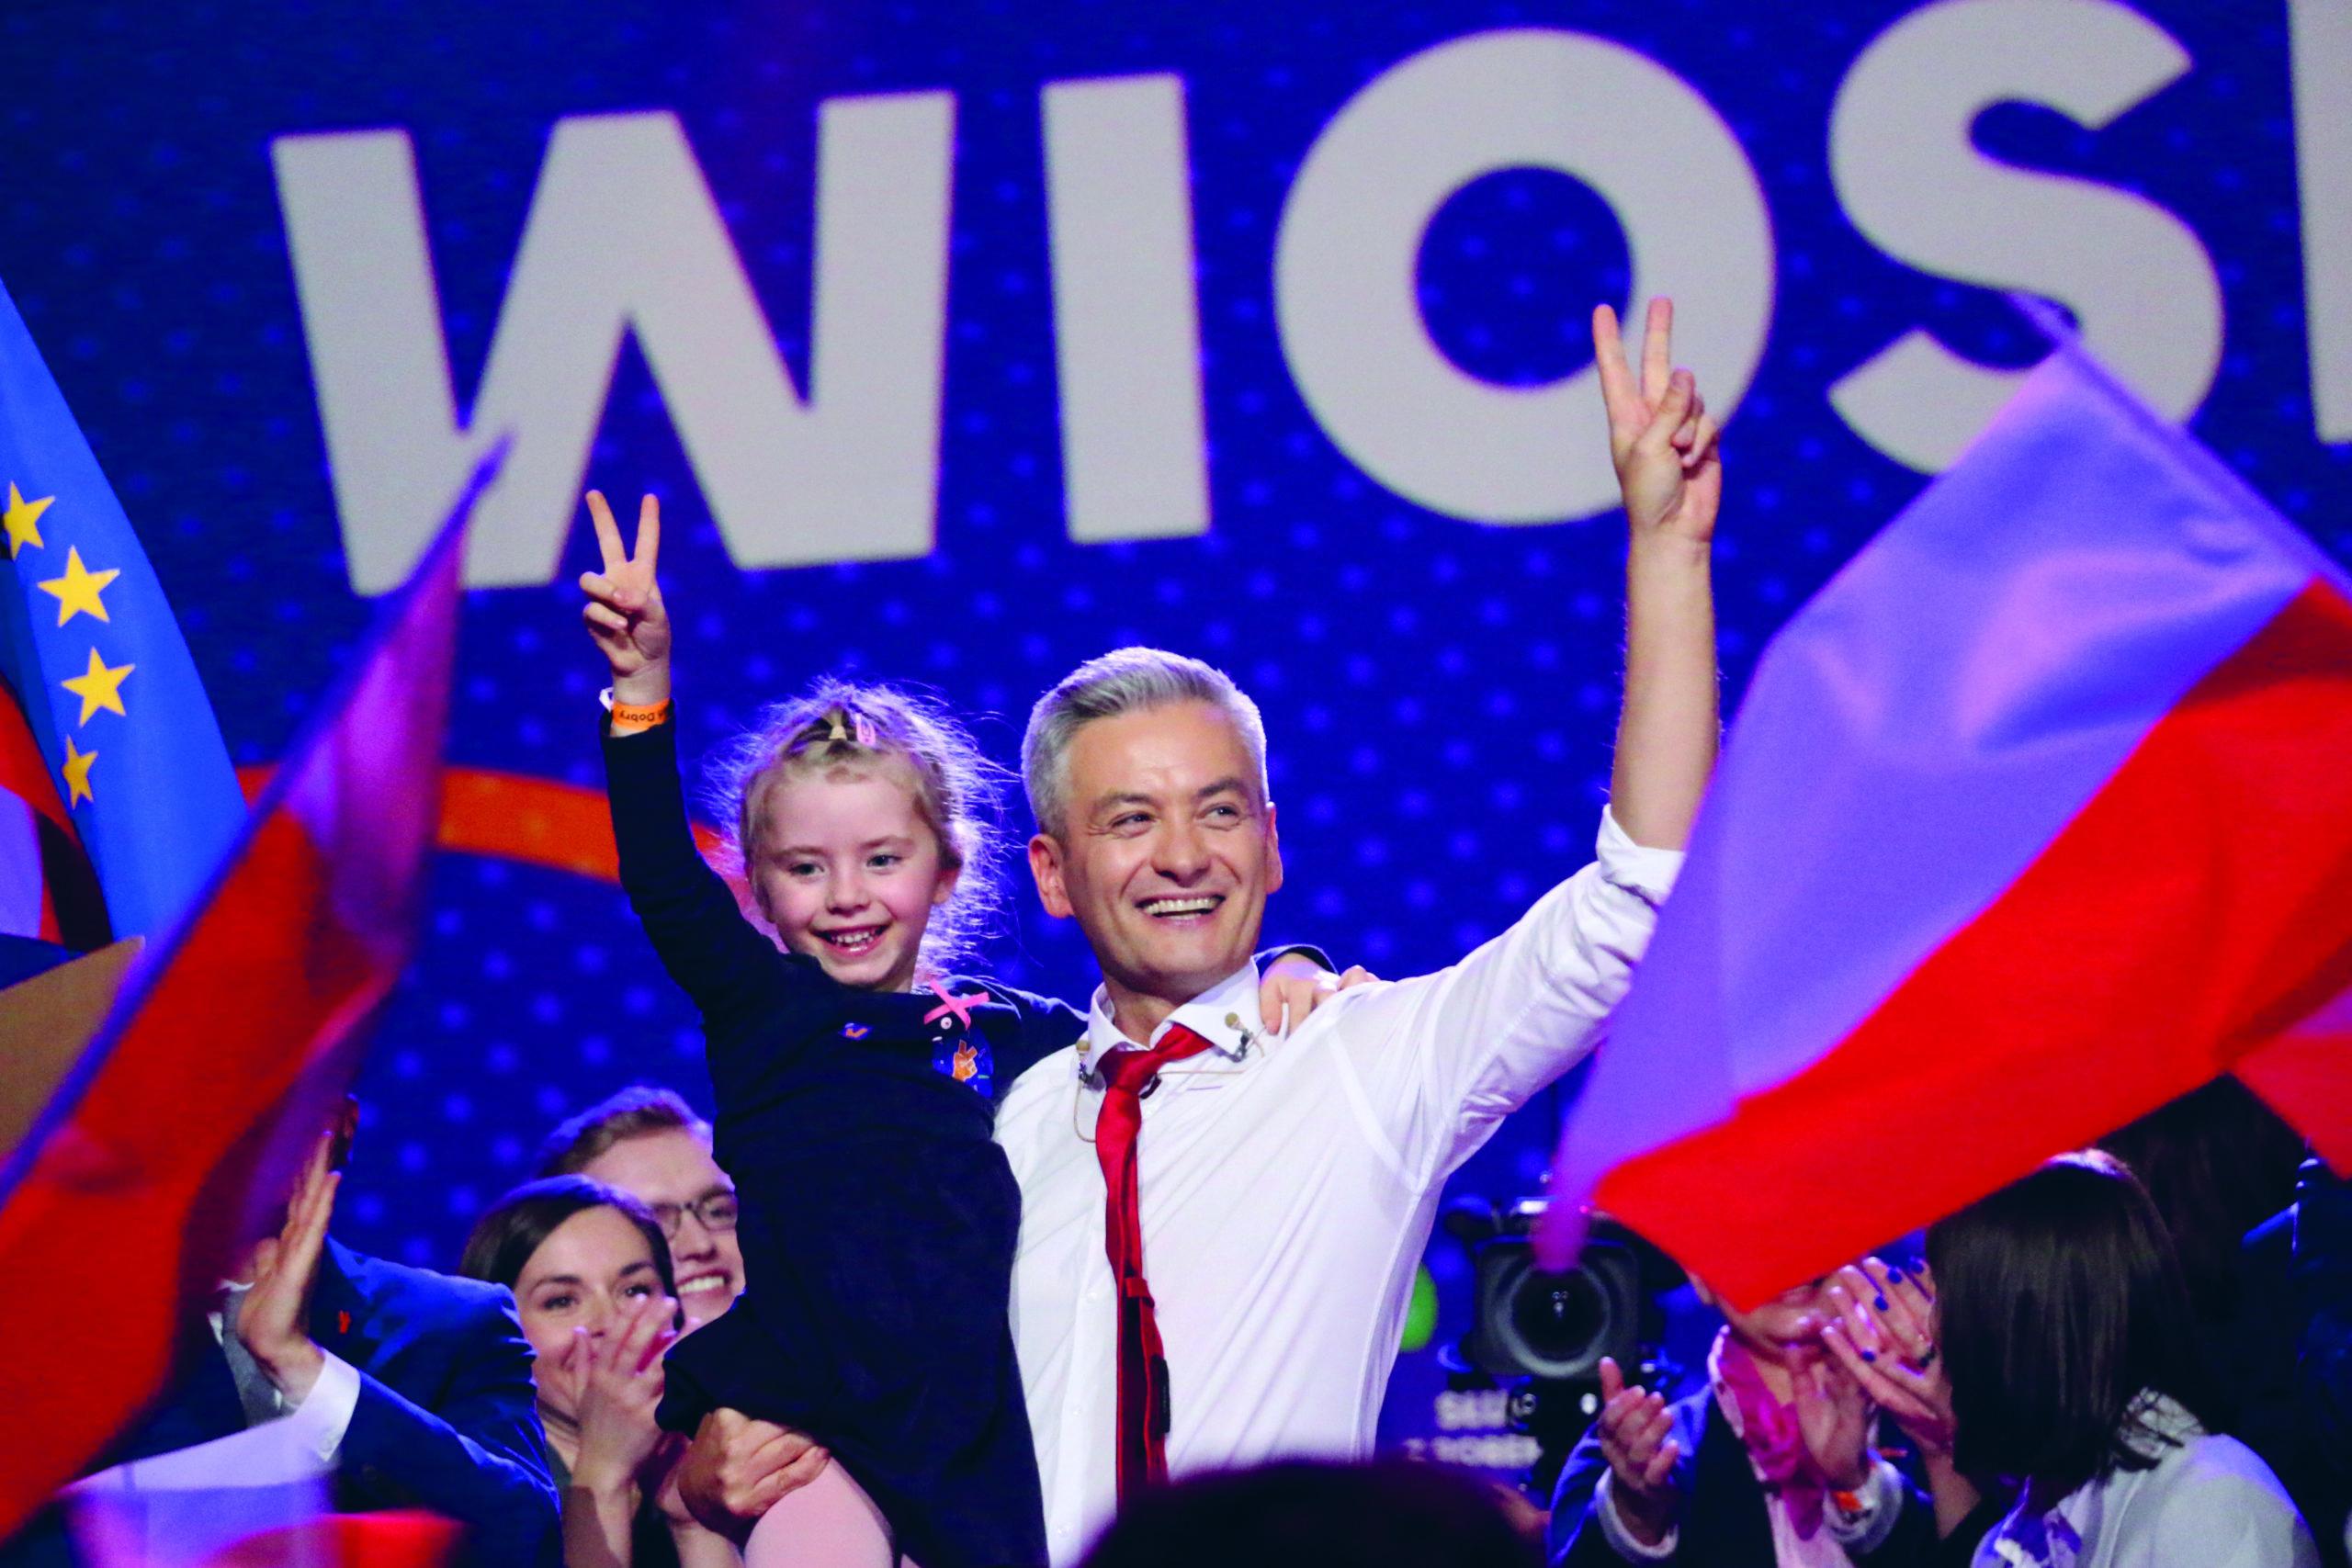 Puolan ensimmäinen avoimesti homoseksuaali parlamentin jäsen Robert Biedroń esitteli uuden puolueensa helmikuussa Varsovassa.